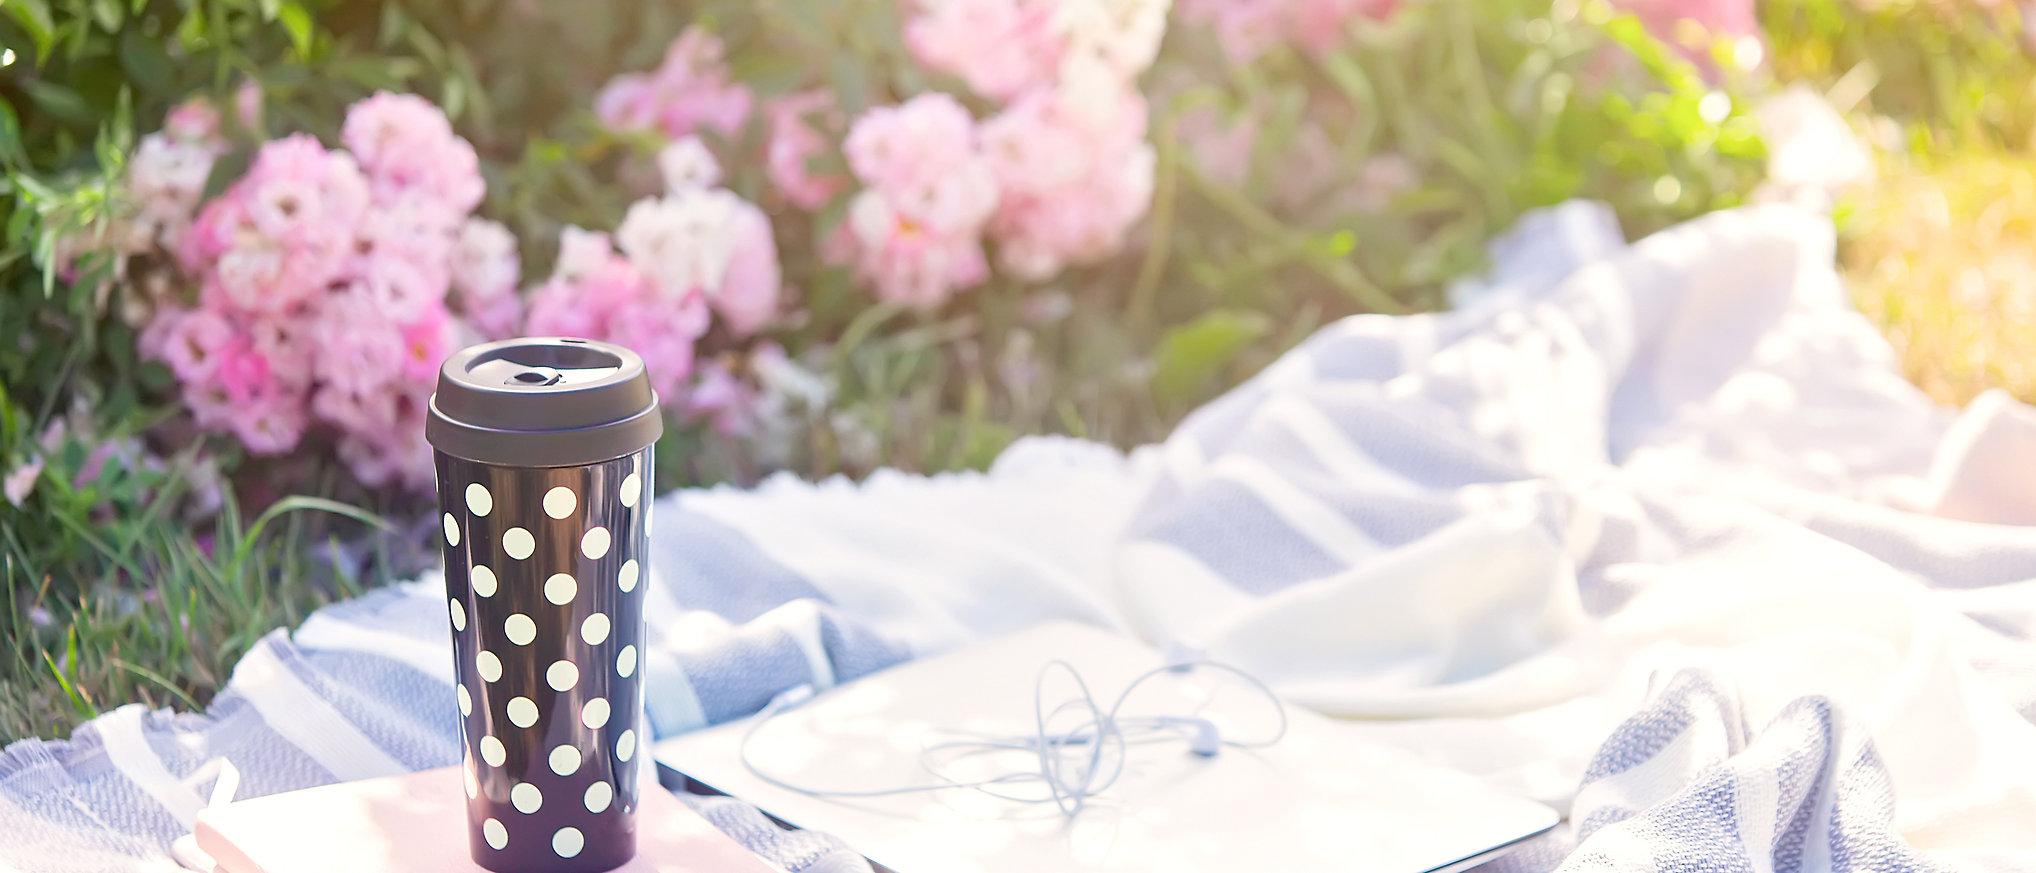 summer picnic.jpg